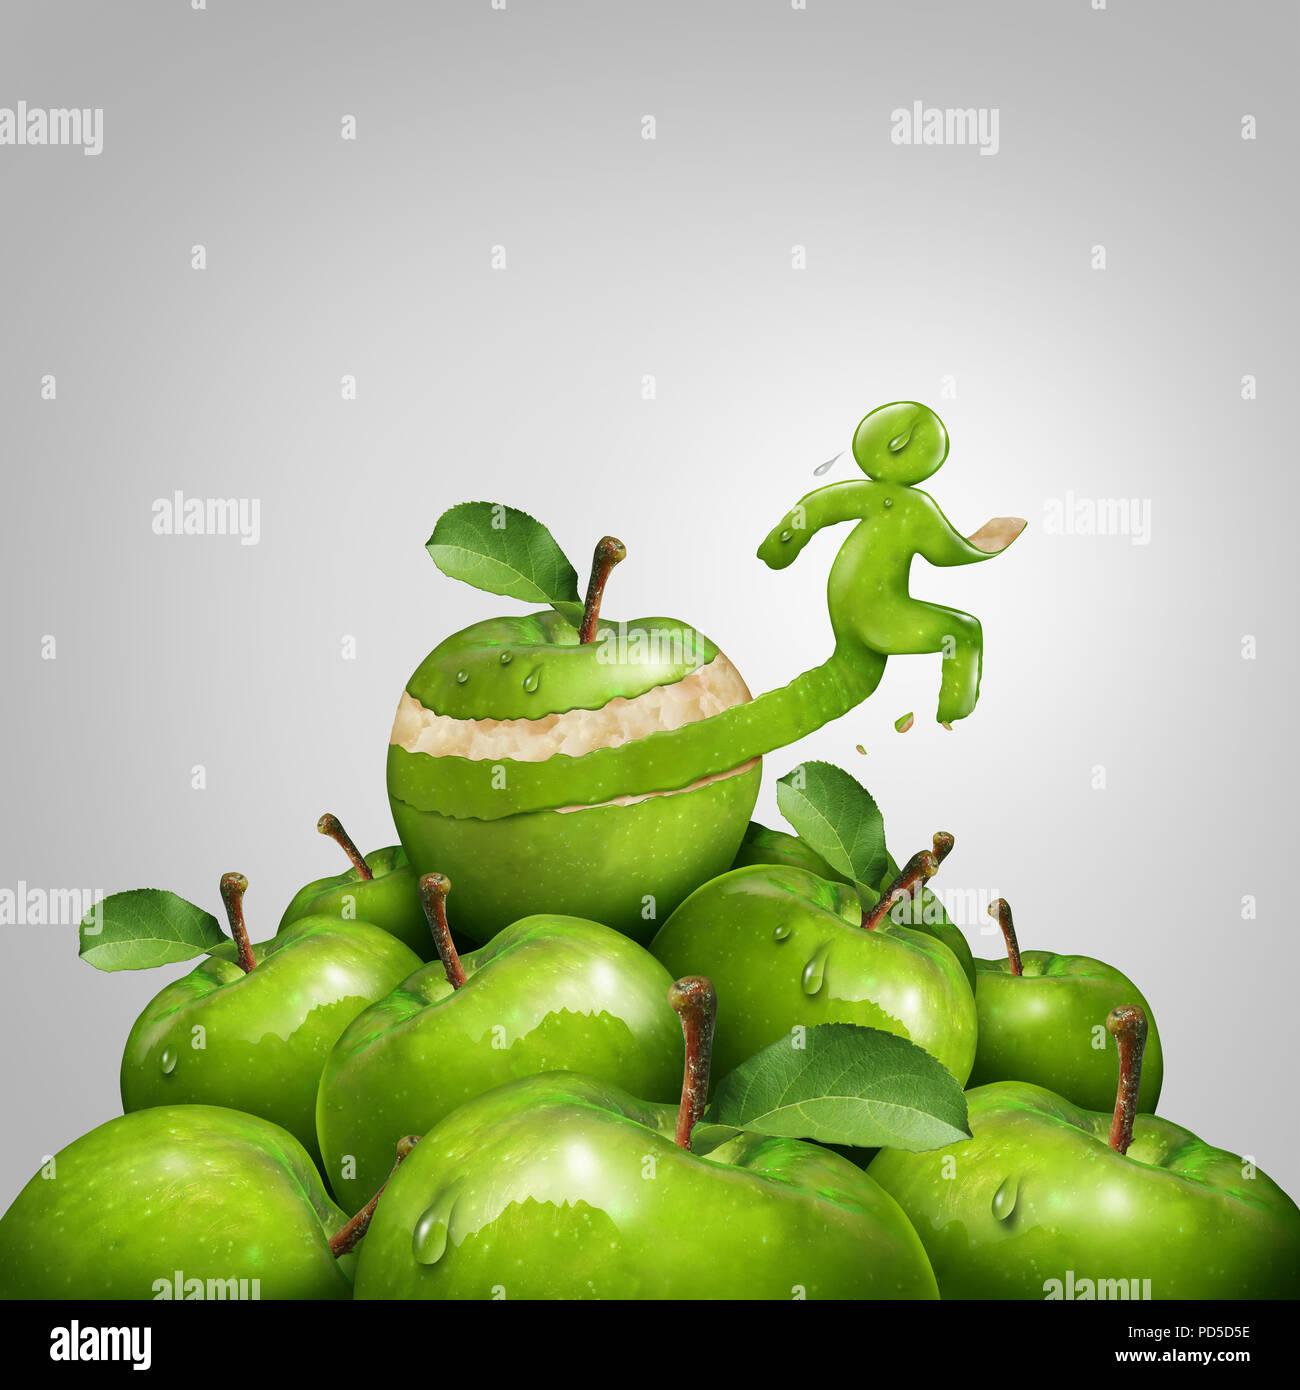 Concepto de Fitness y pérdida de peso como una vitalidad bienestar idea mediante el ejercicio y la dieta como una forma apple peel como un corredor de footing o persona. Imagen De Stock